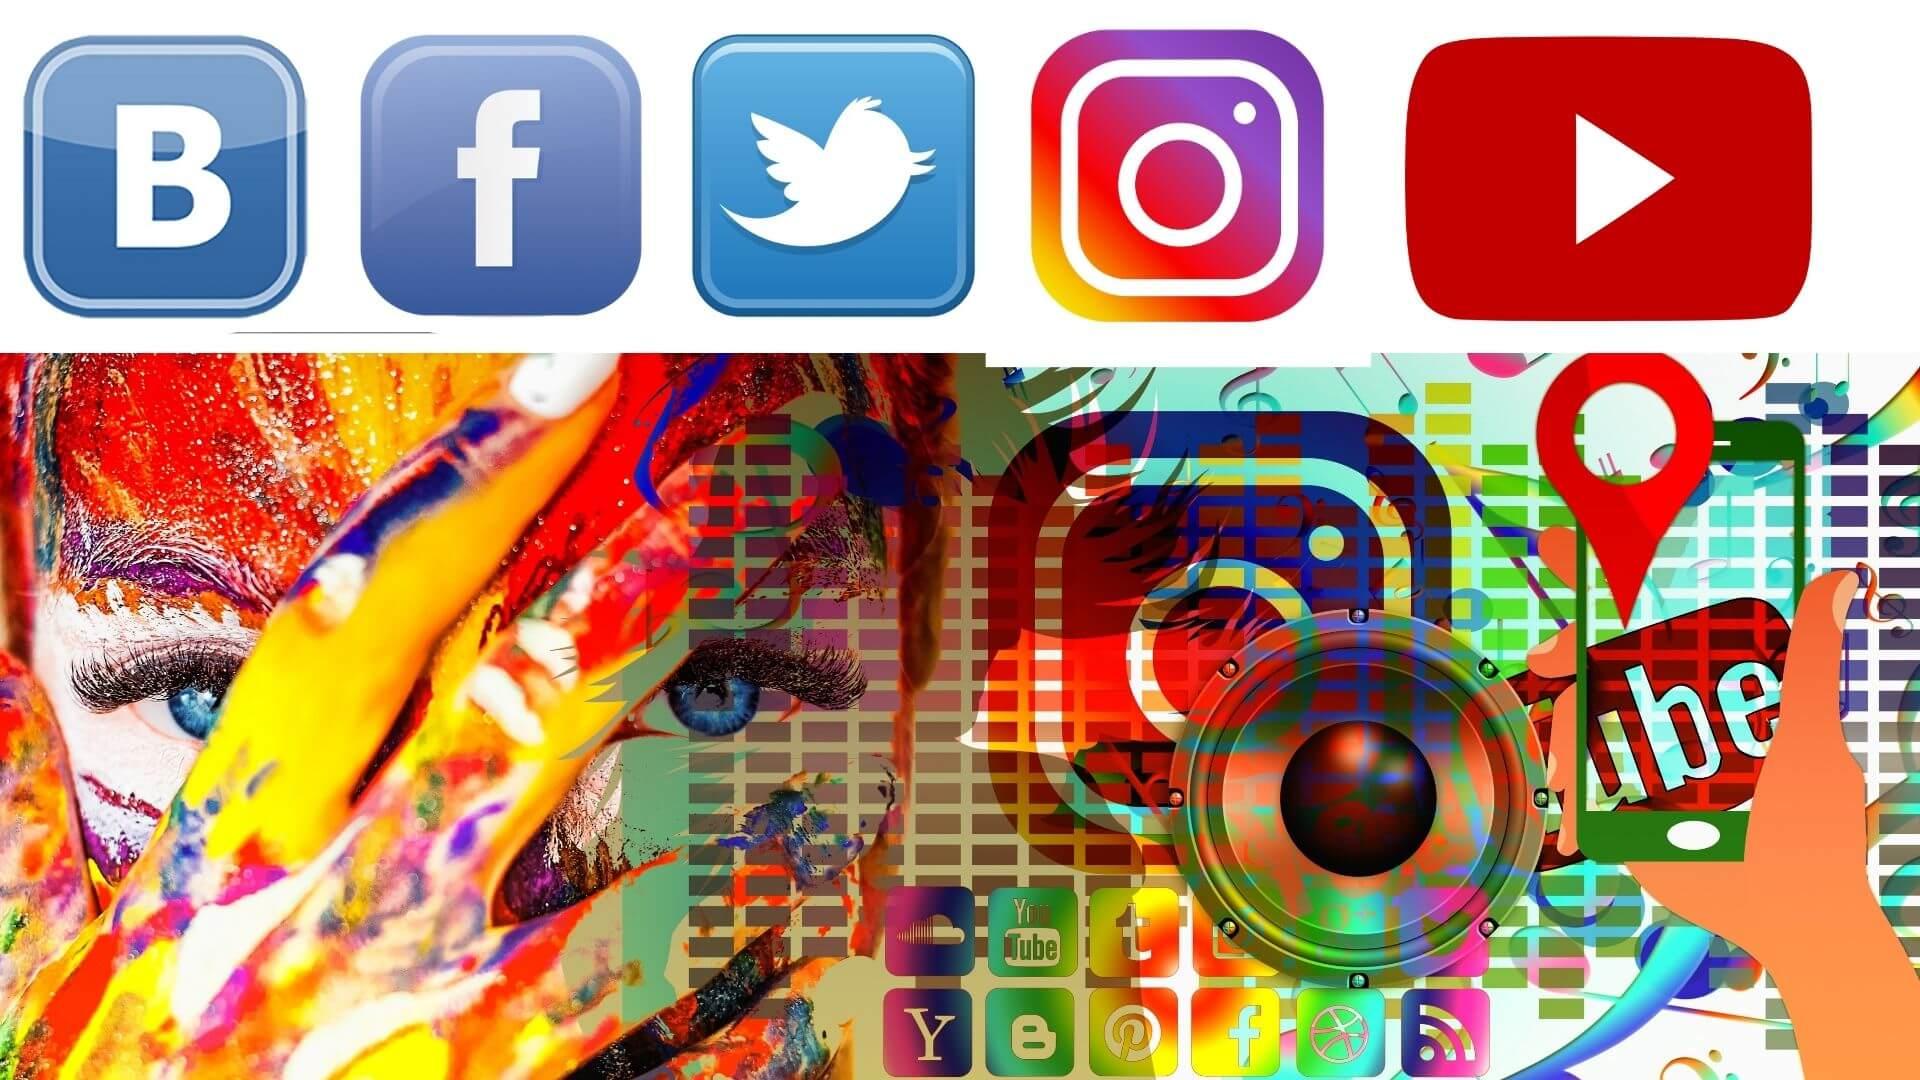 Выполнение заданий за деньги через социальные сети